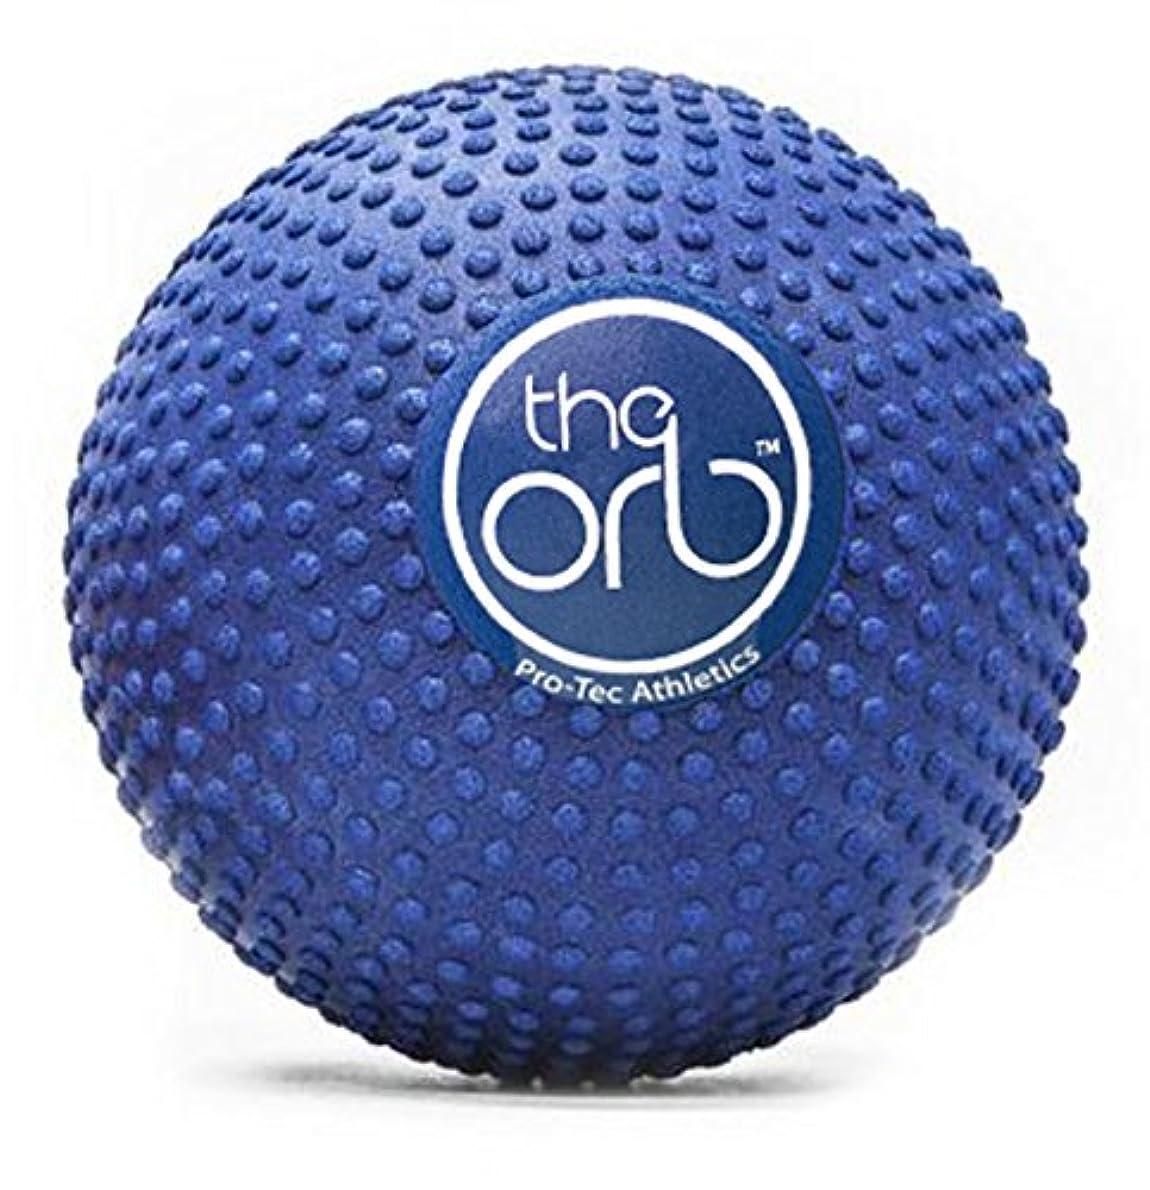 罪快適不調和Pro-Tec Athletics(プロテックアスレチックス) The Orb 5